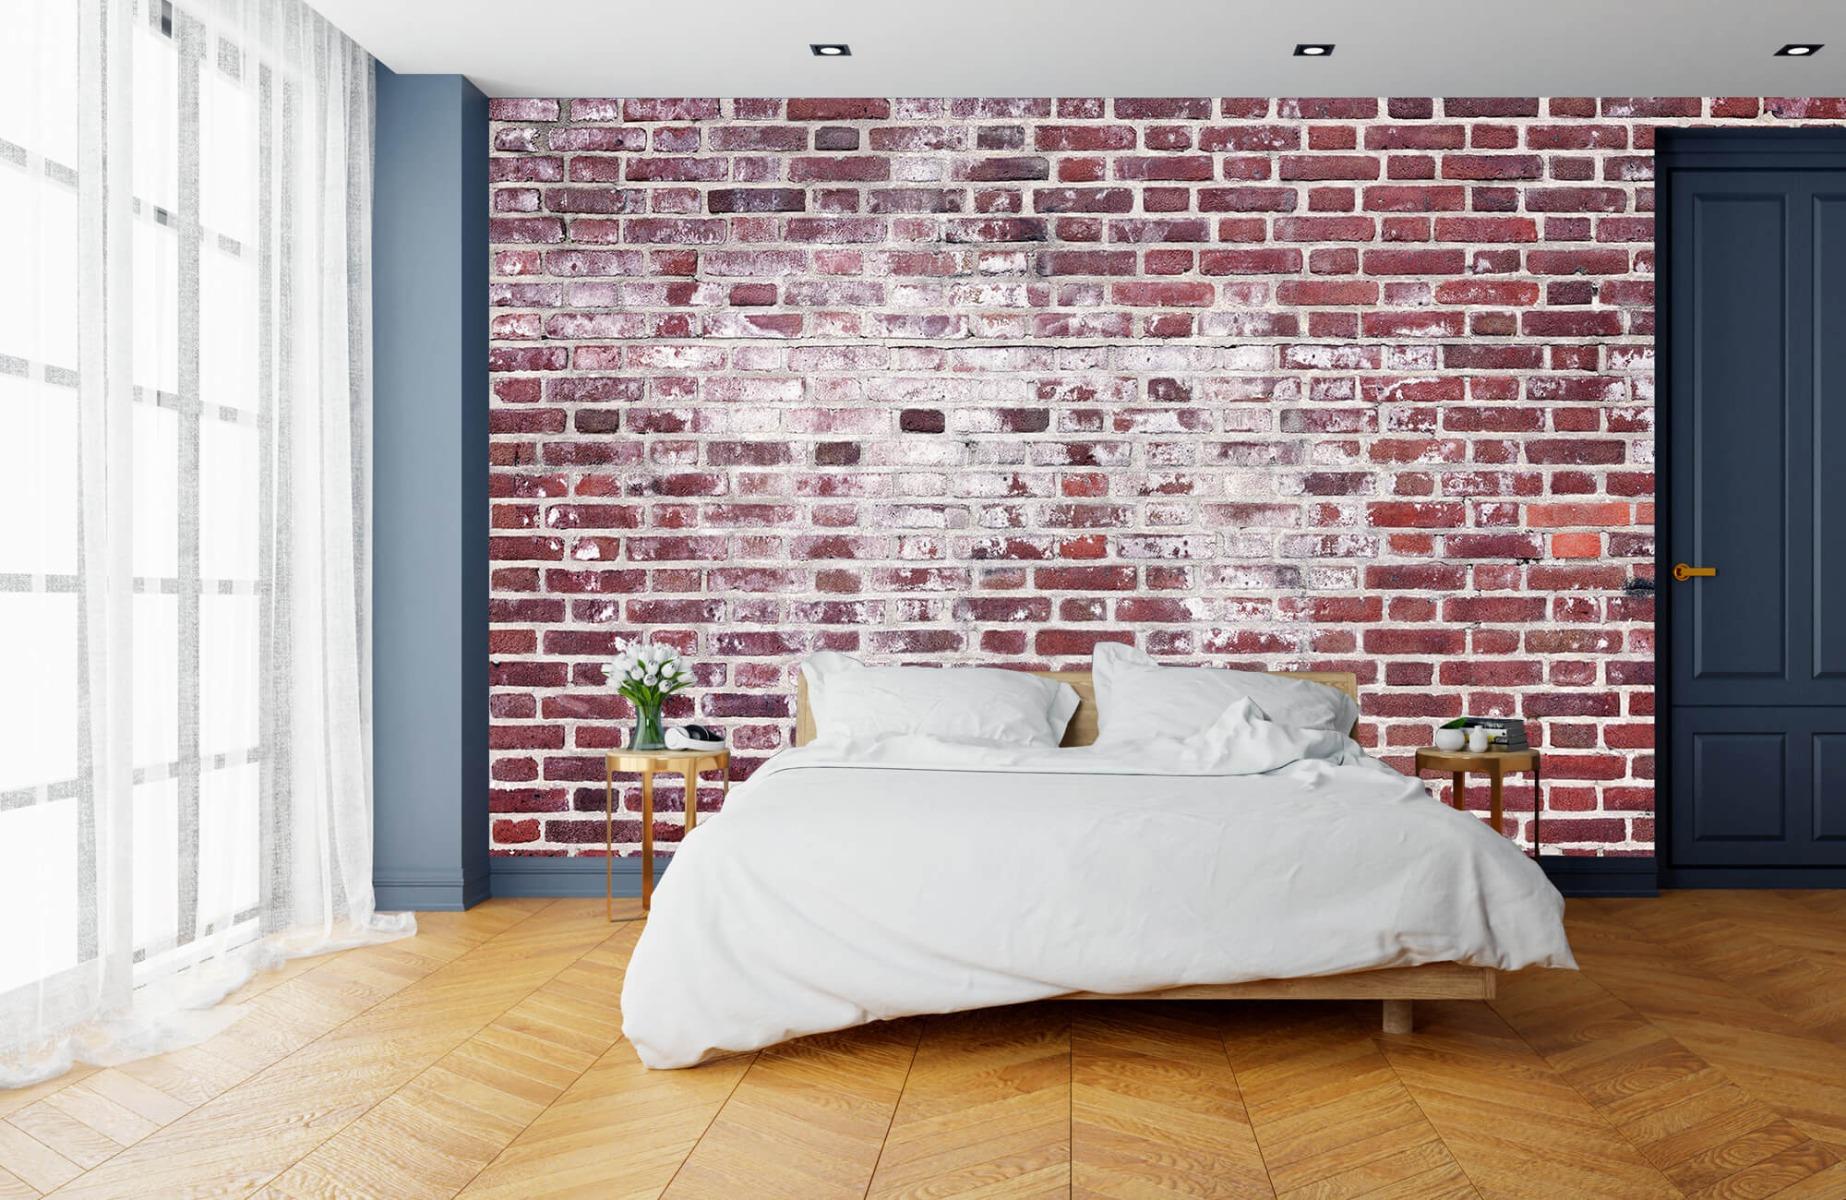 Steen behang - Bakstenen met cement - Wallexclusive - Woonkamer 15